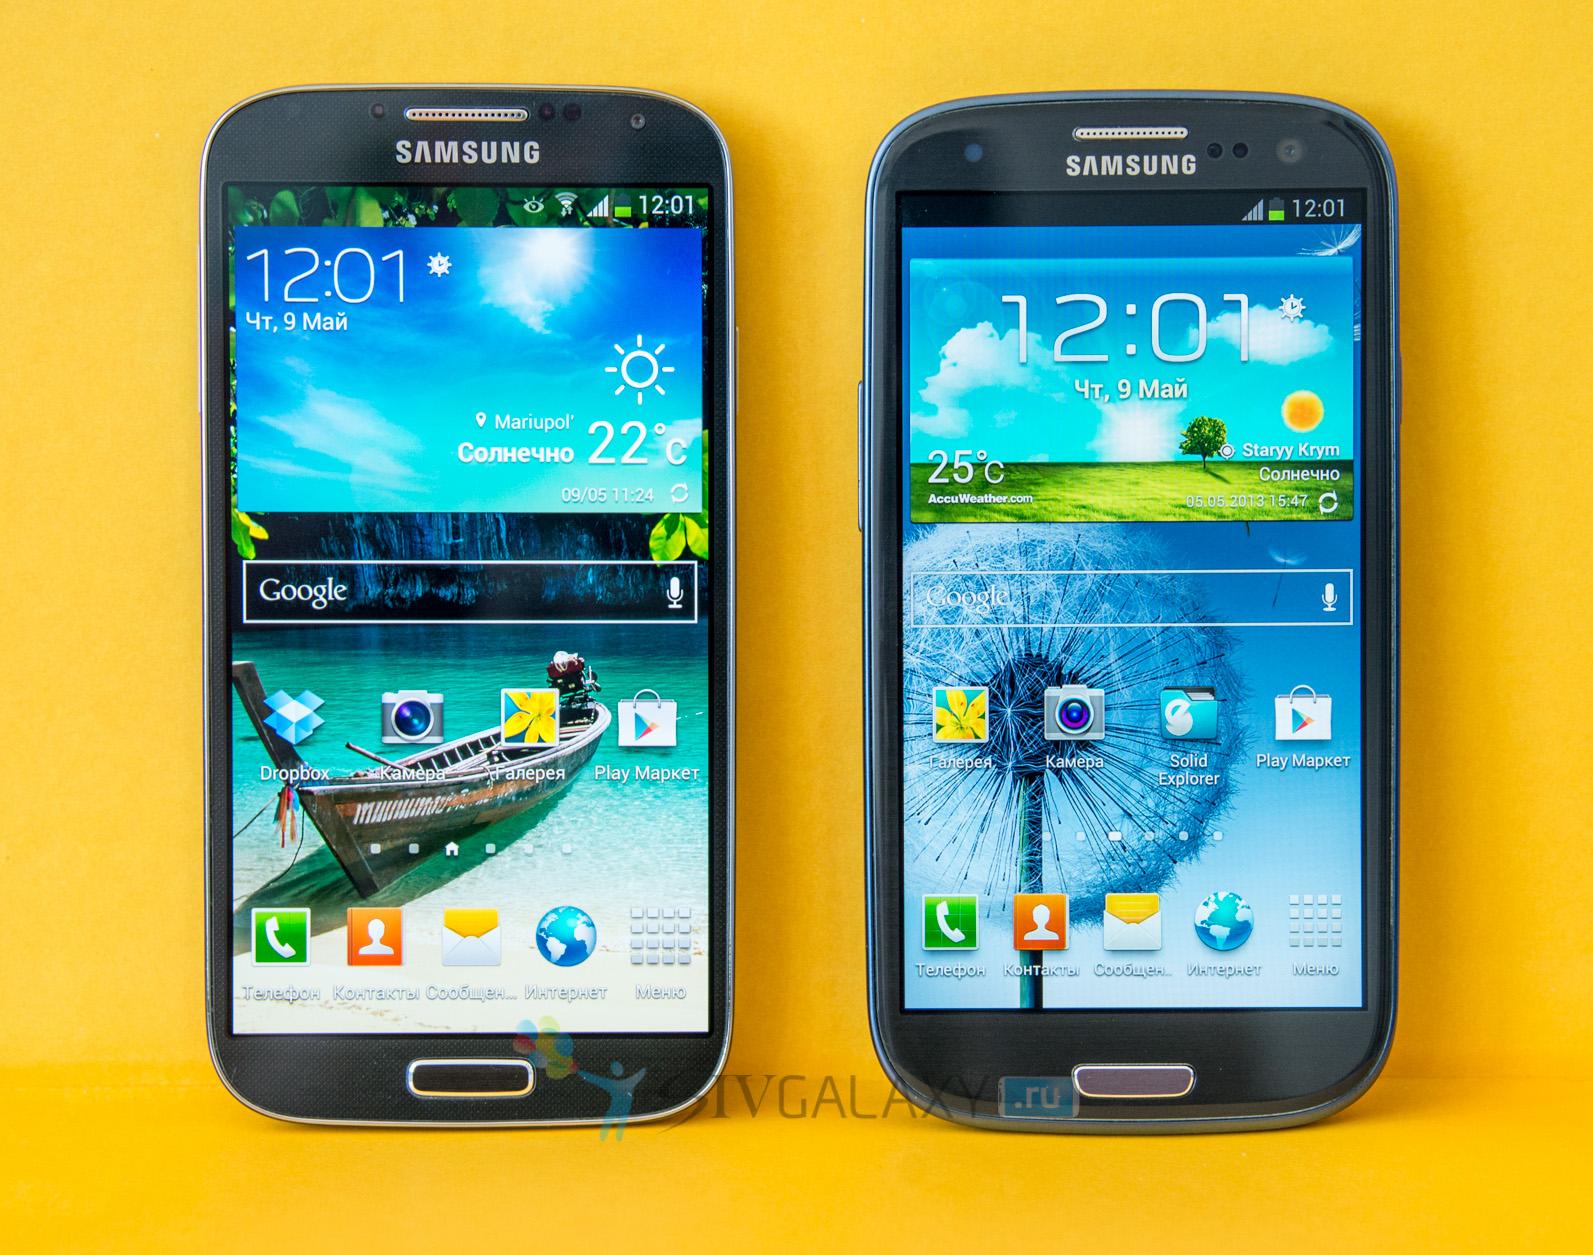 Сравнение внешнего вида Samsung Galaxy S4 и S3